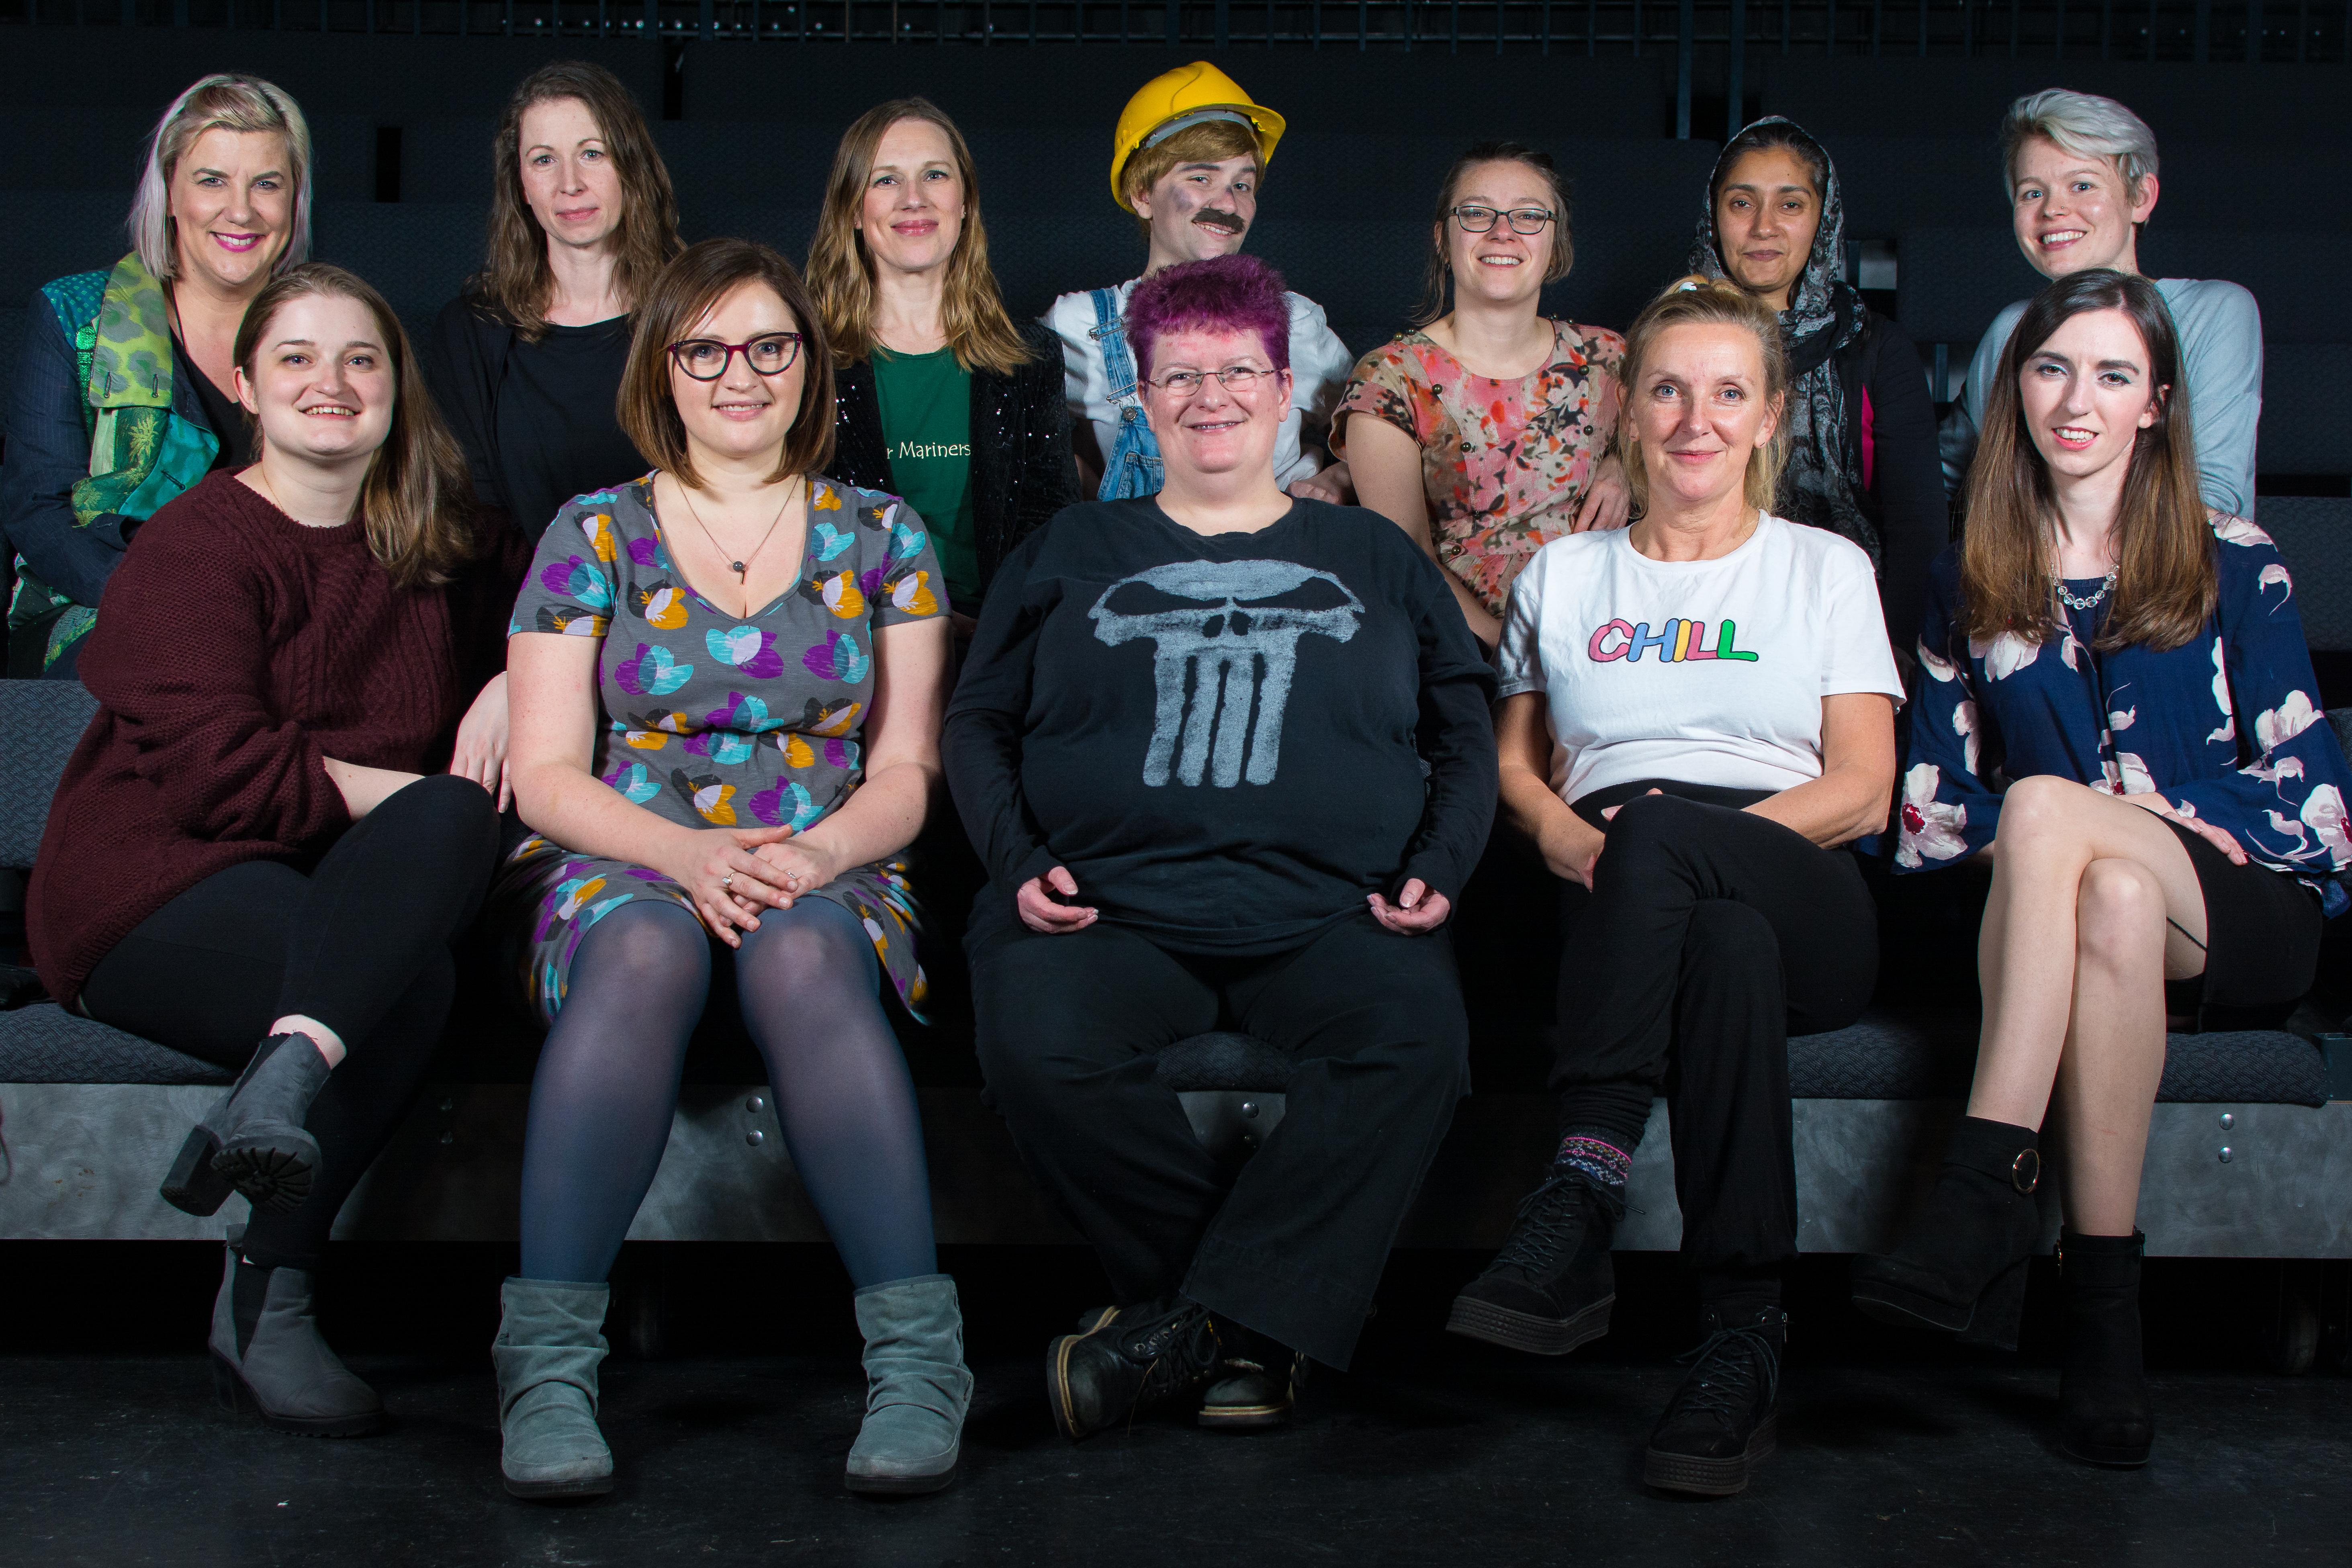 Women's Comedy Workshop participants